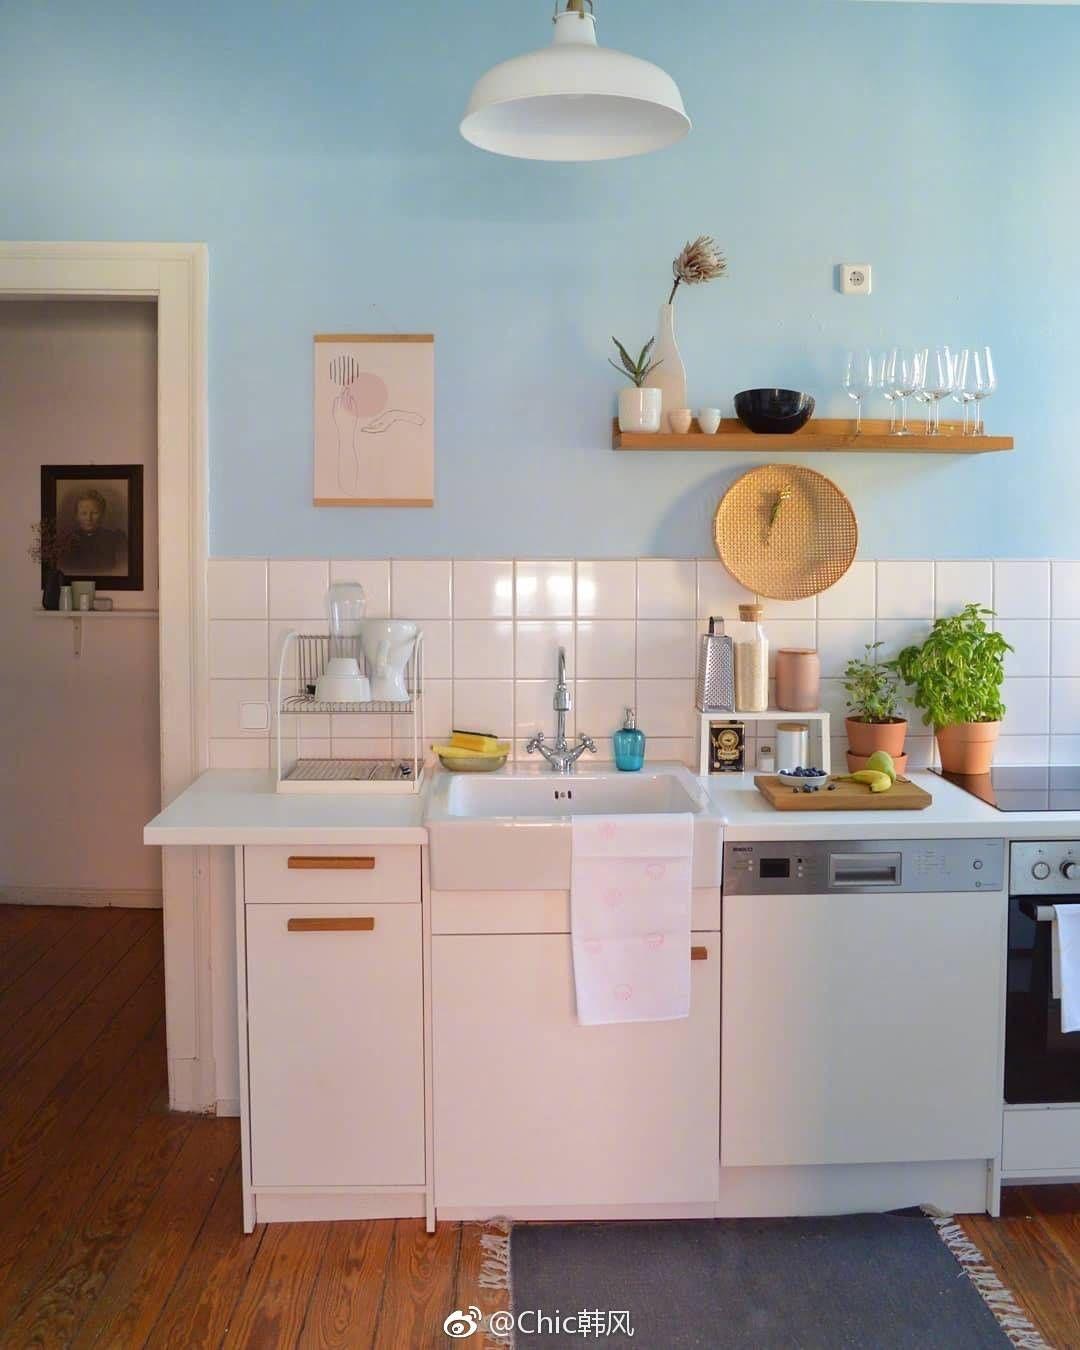 Zimmer im griechischen stil pin by yan on moodboard home  pinterest